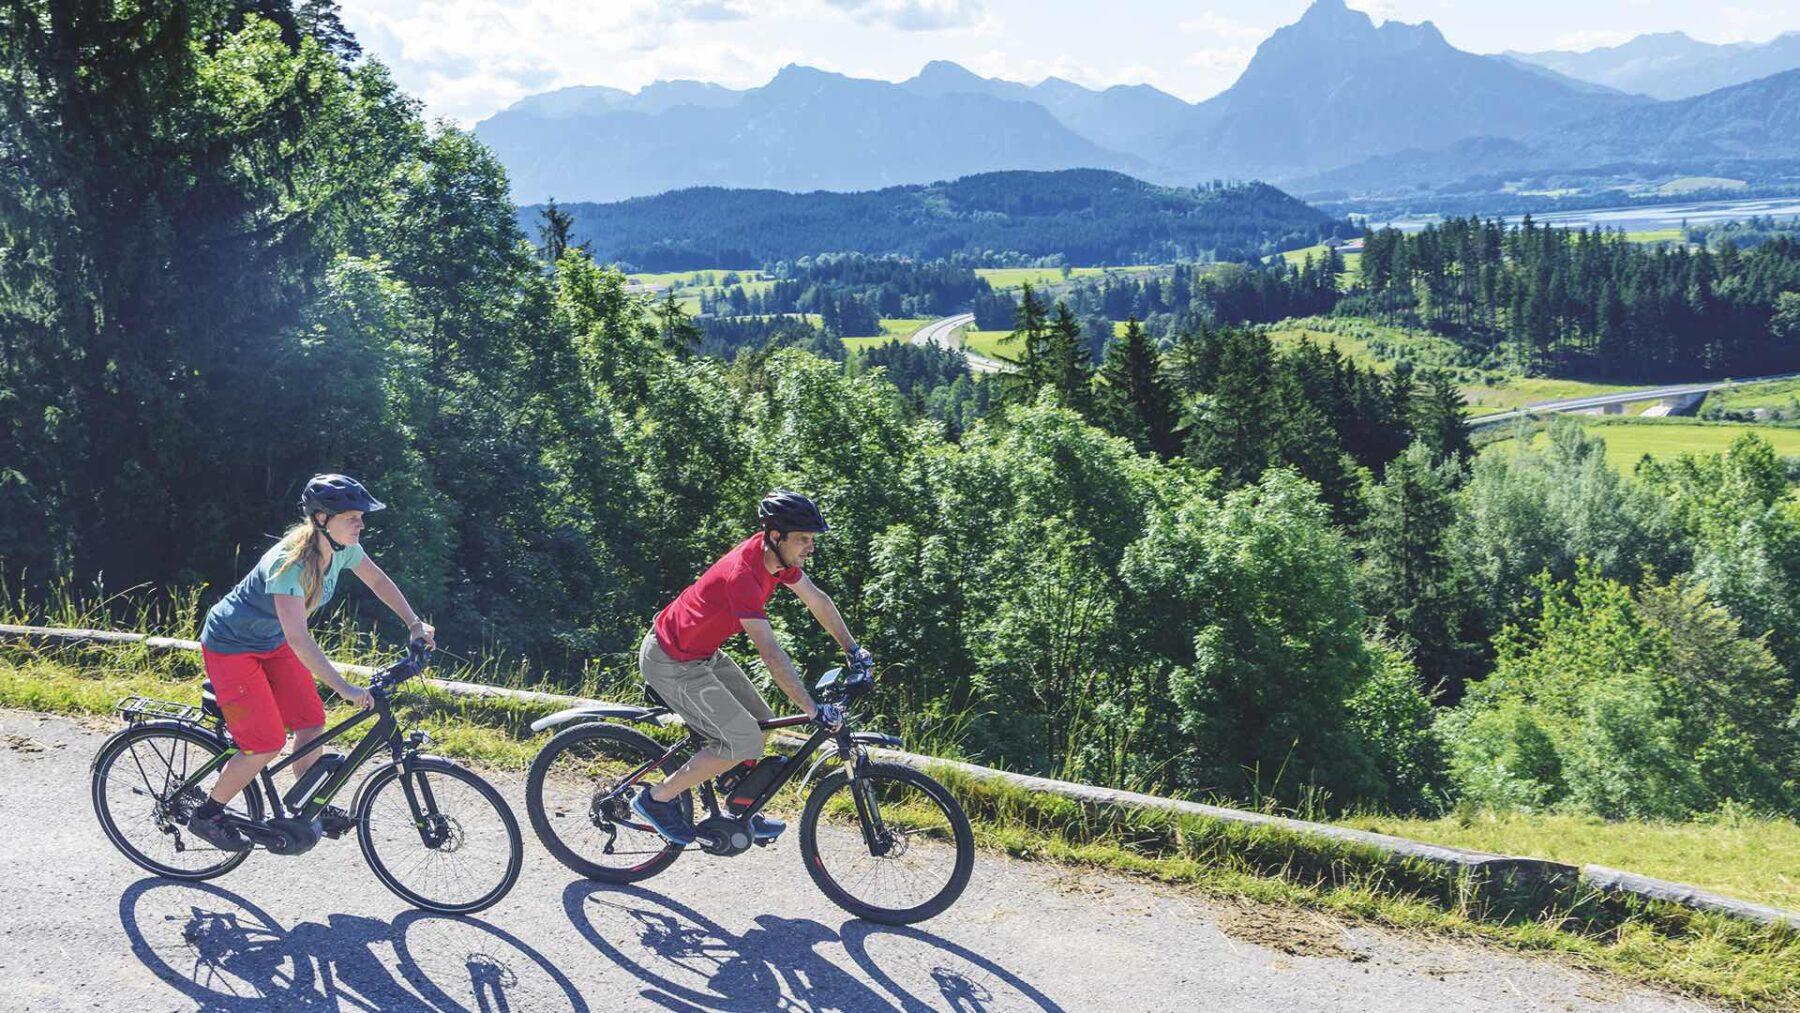 Bauking-Mitarbeiter können über ihre Firma günstig Fahrräder leasen. Foto: Bauking GmbH